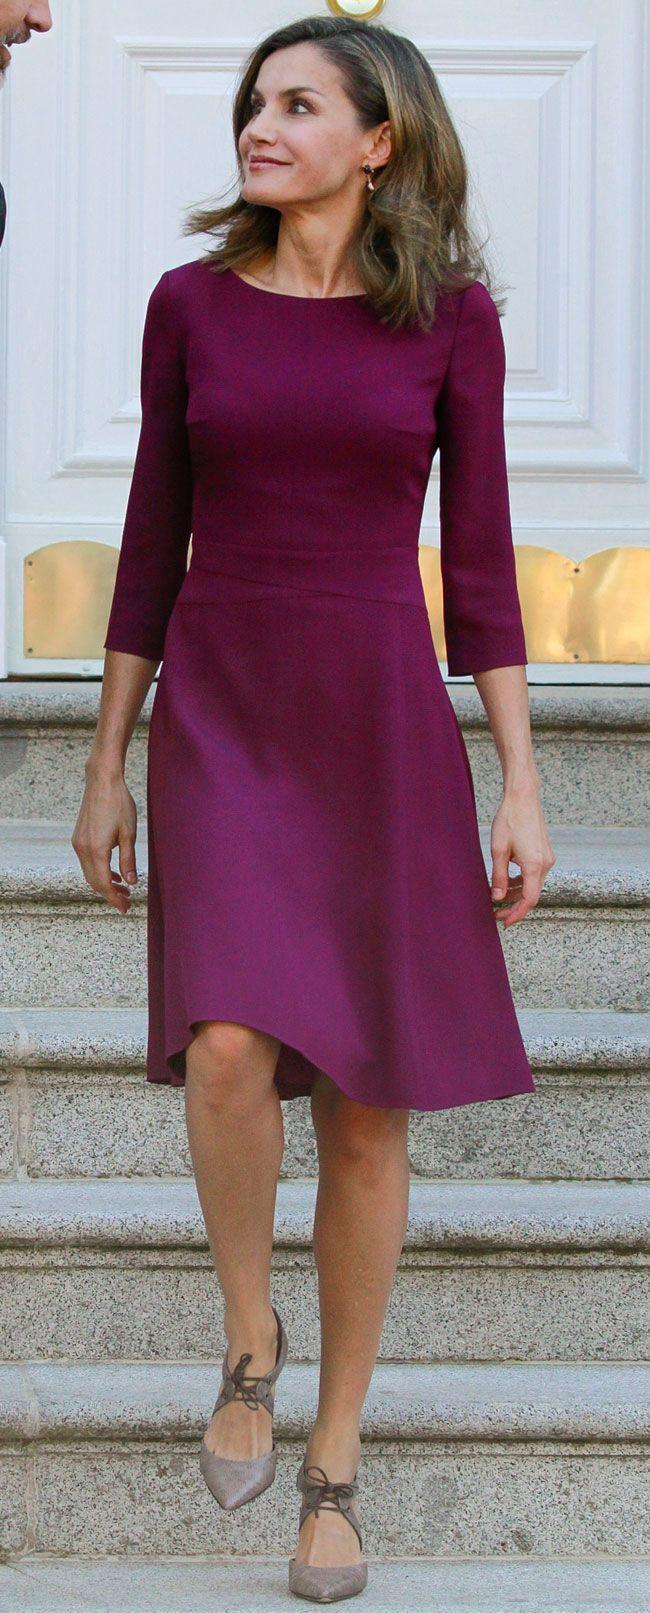 Pin de Inmaculada en Vestidos | Pinterest | Vestiditos, Reinas y Costura